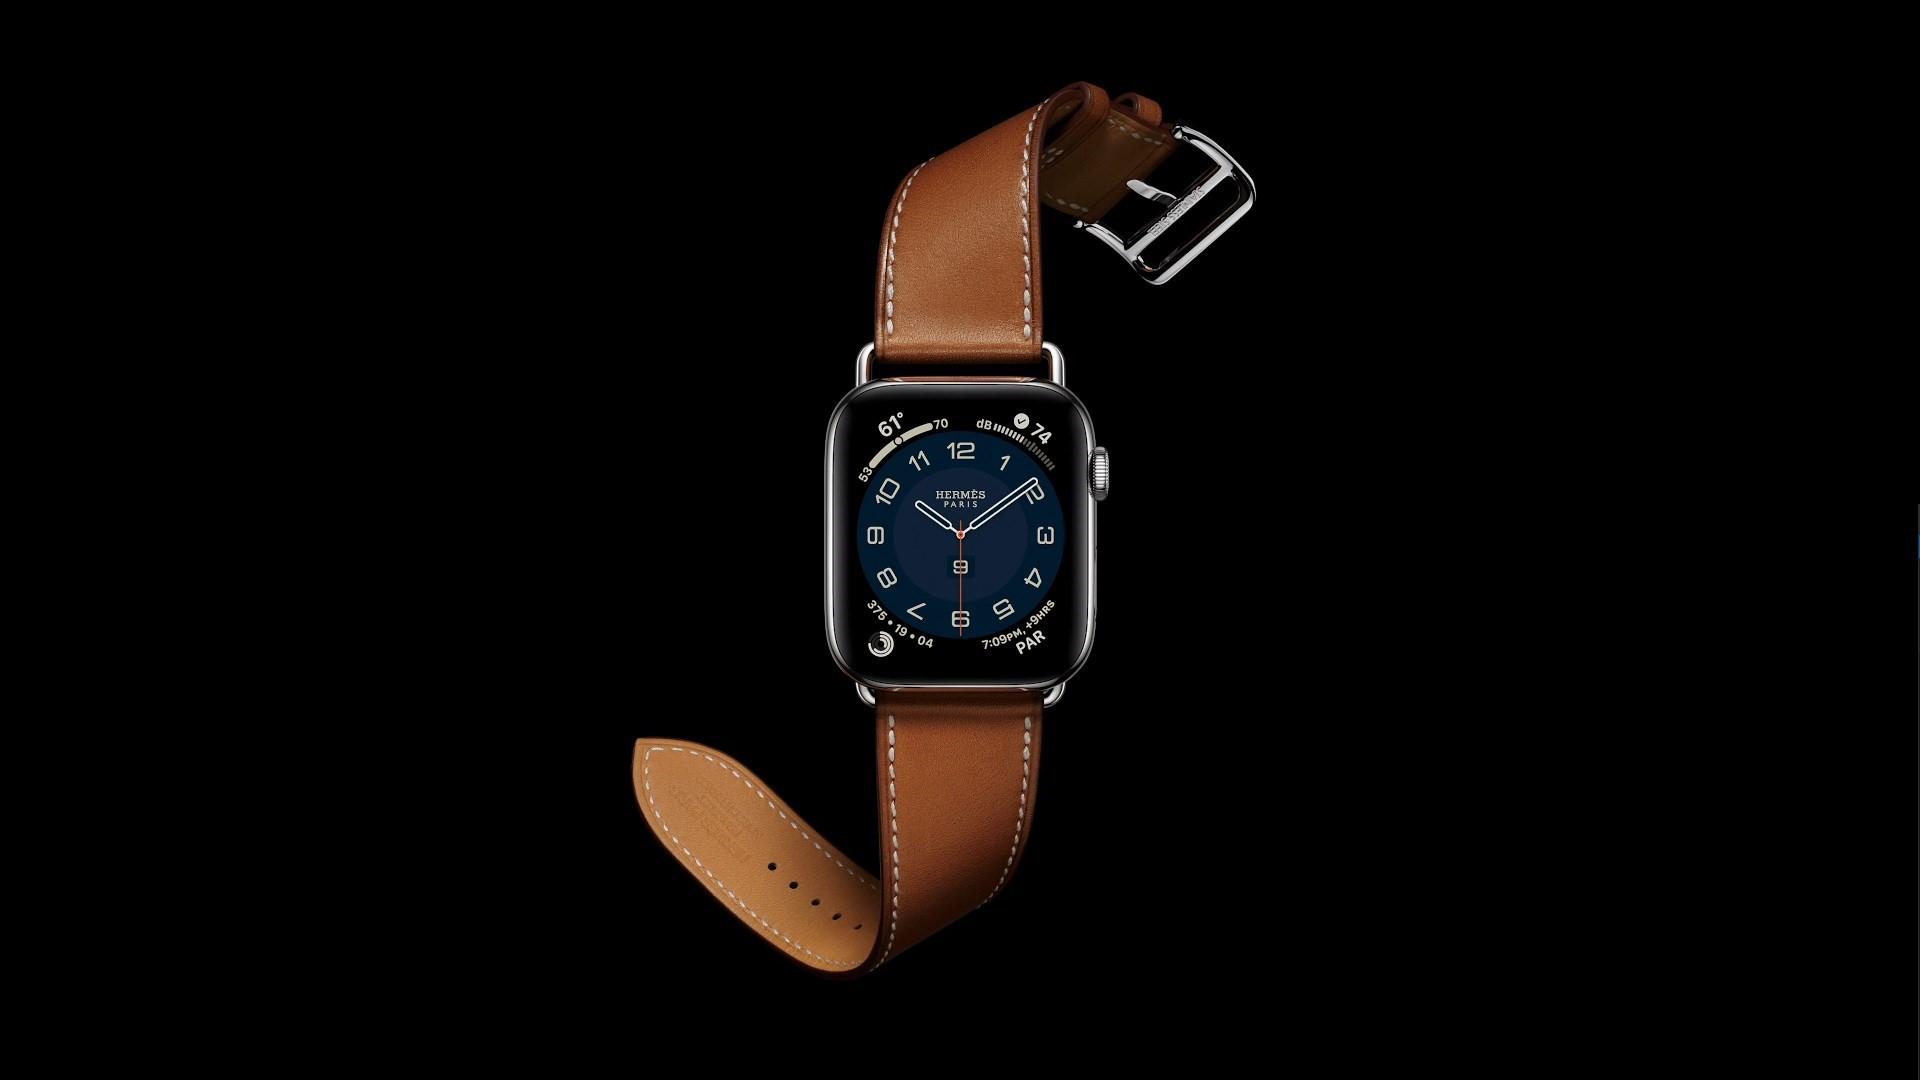 Cận cảnh Apple Watch Series 6: Đo được nồng độ oxy trong máu, thêm nhiều màu sắc, giá từ 9 triệu đồng - Ảnh 8.